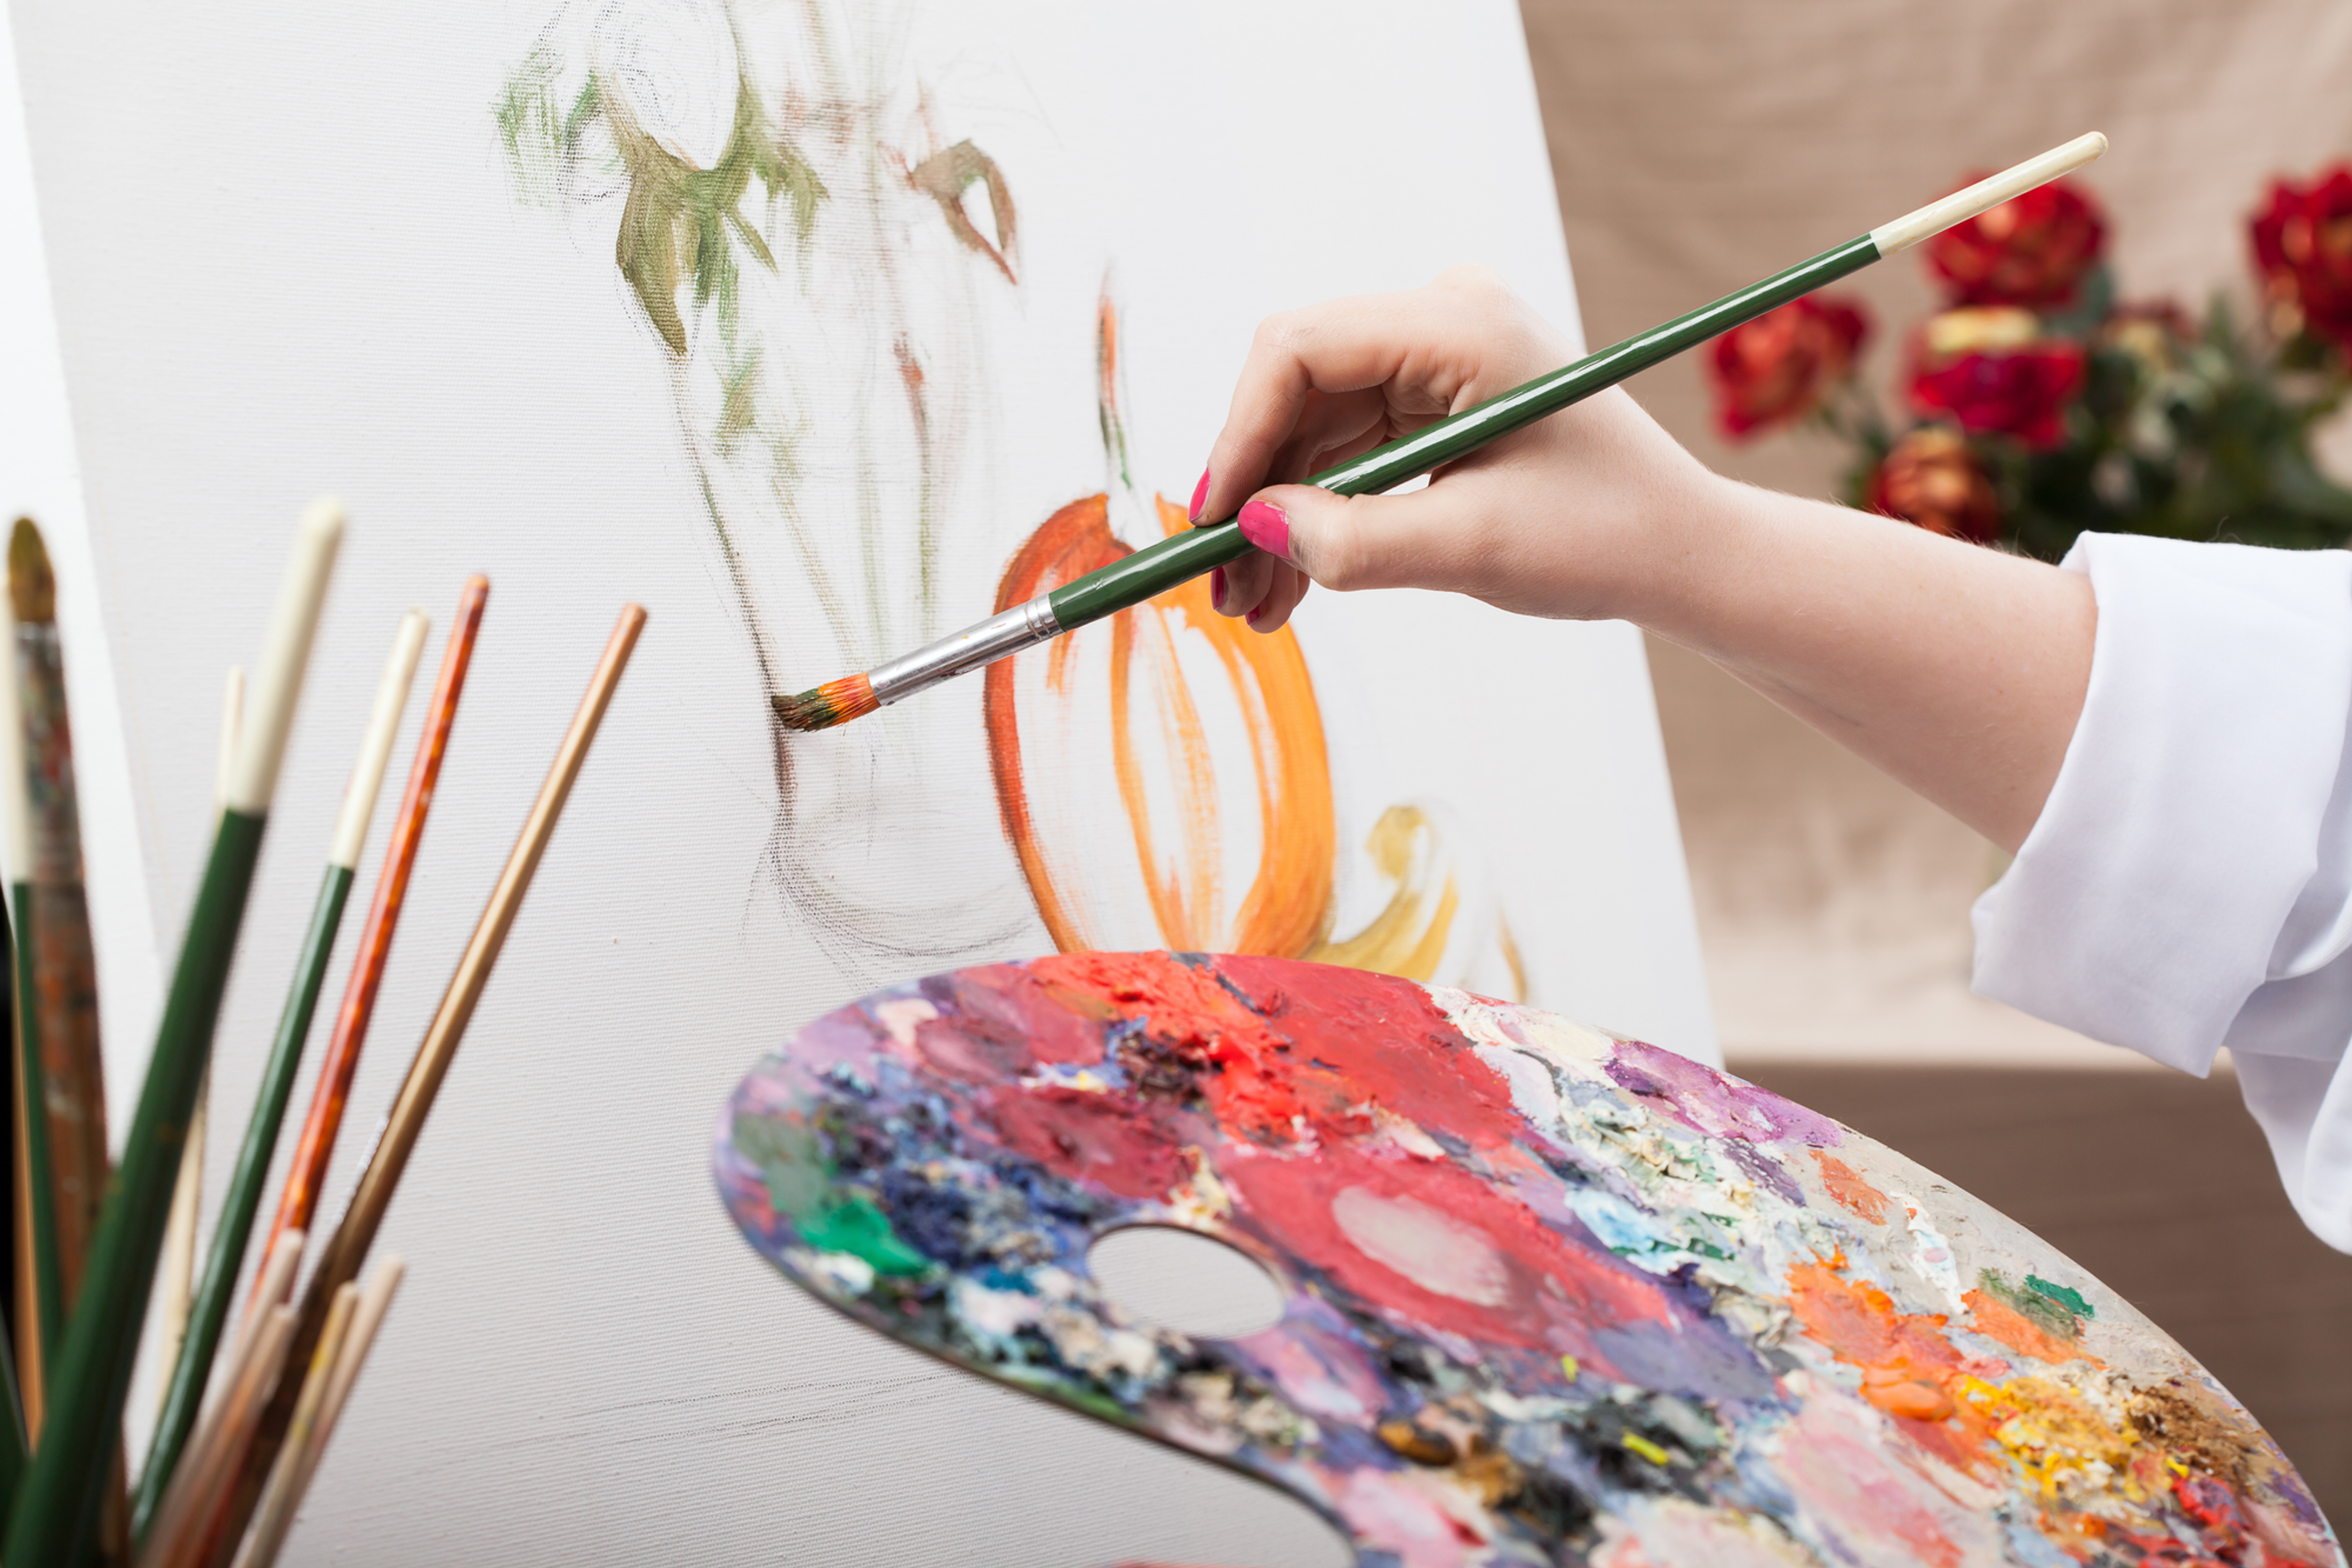 Exquisite Full Day Creative Arts Retreat